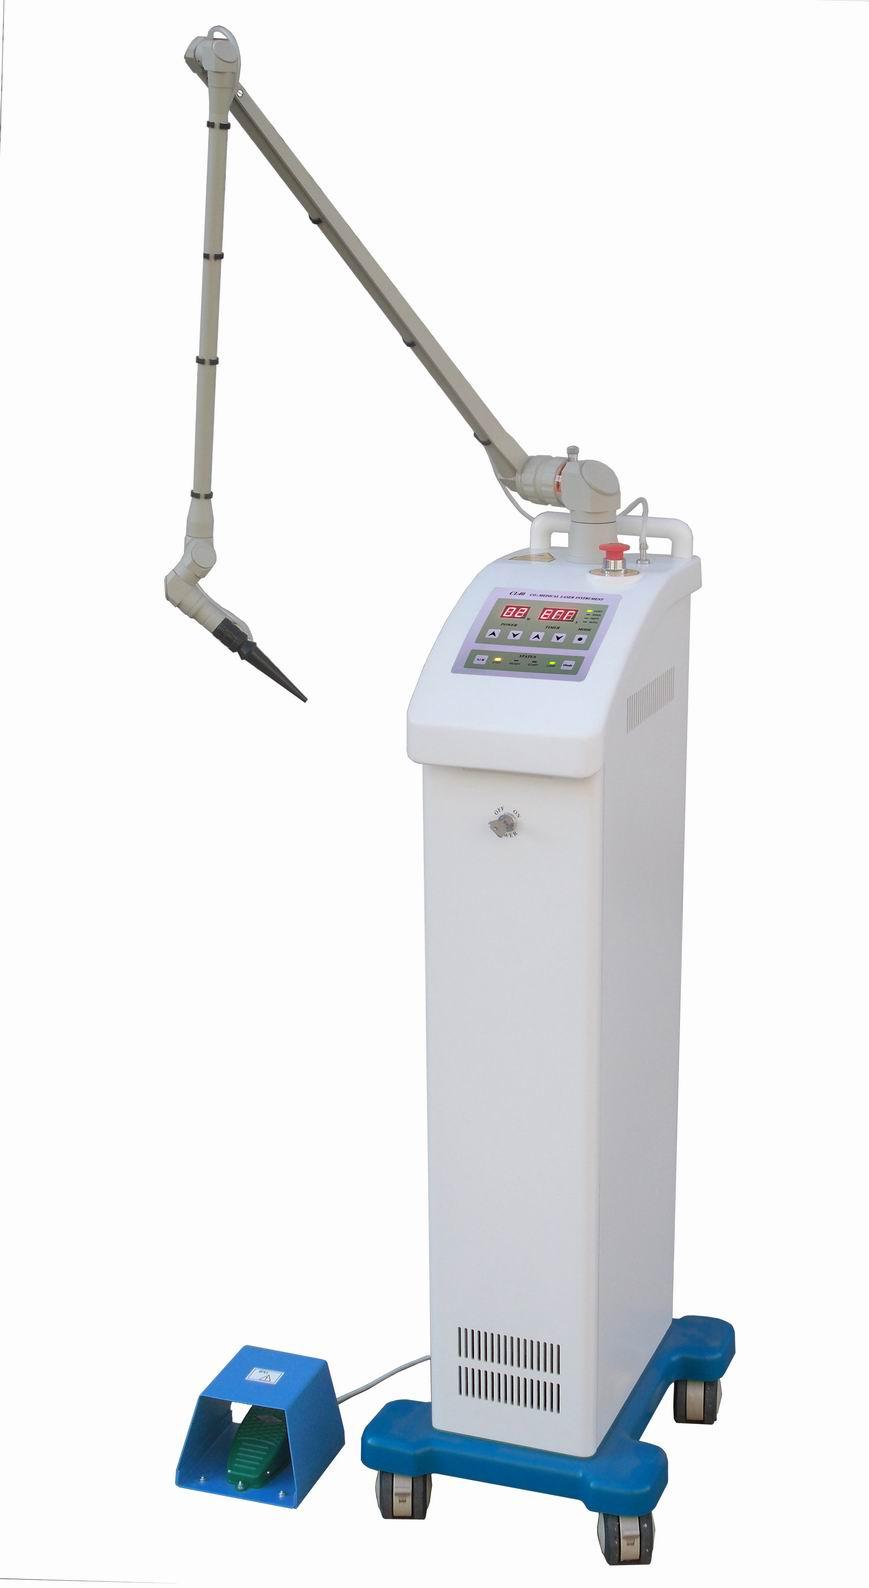 表式半导体激光治疗仪